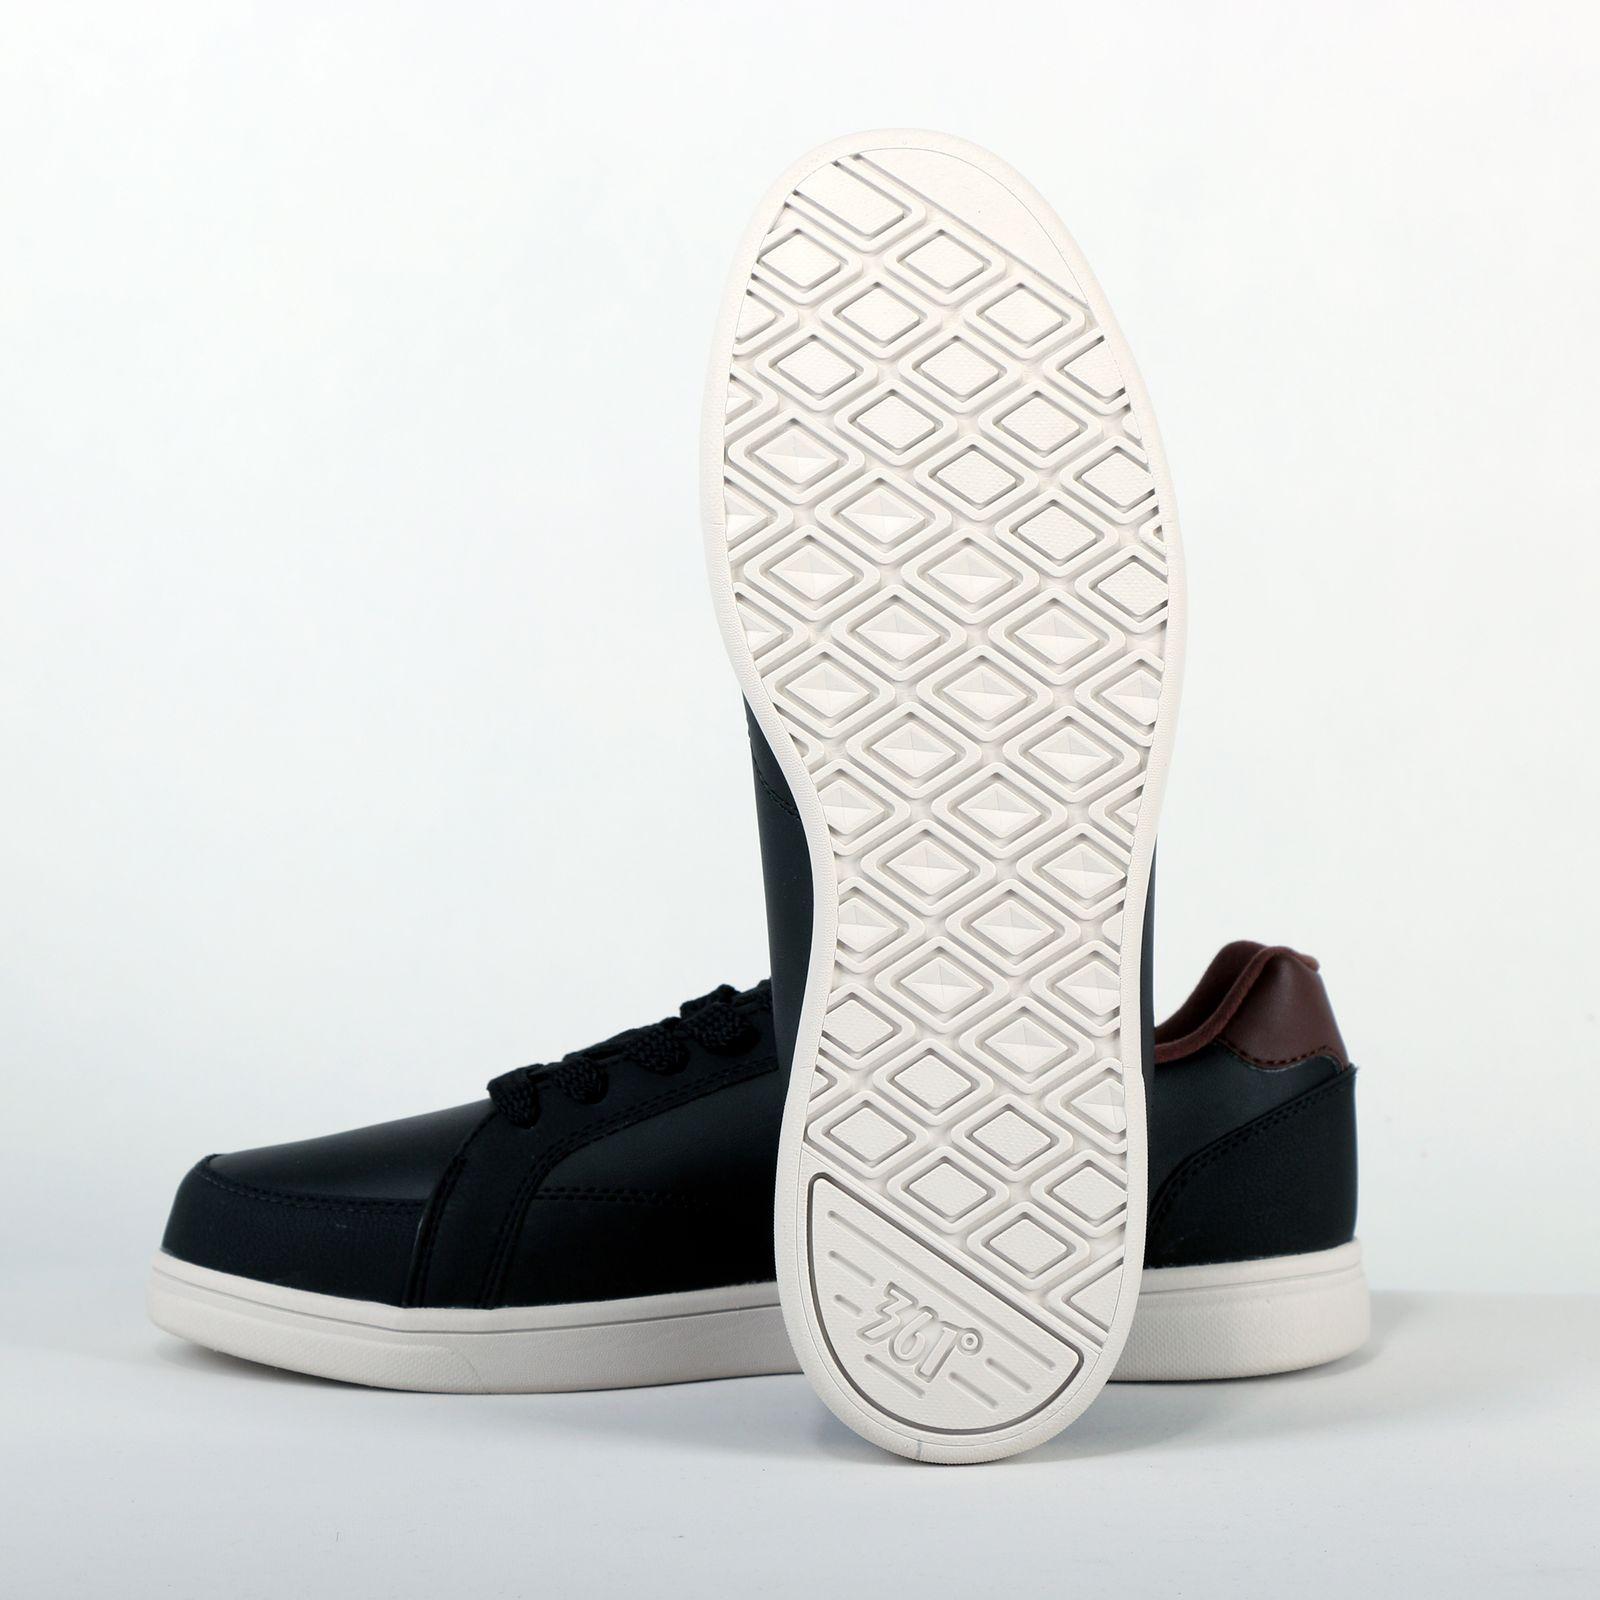 کفش راحتی مردانه 361 درجه مدل 571446631 رنگ قهوه ای تیره -  - 6